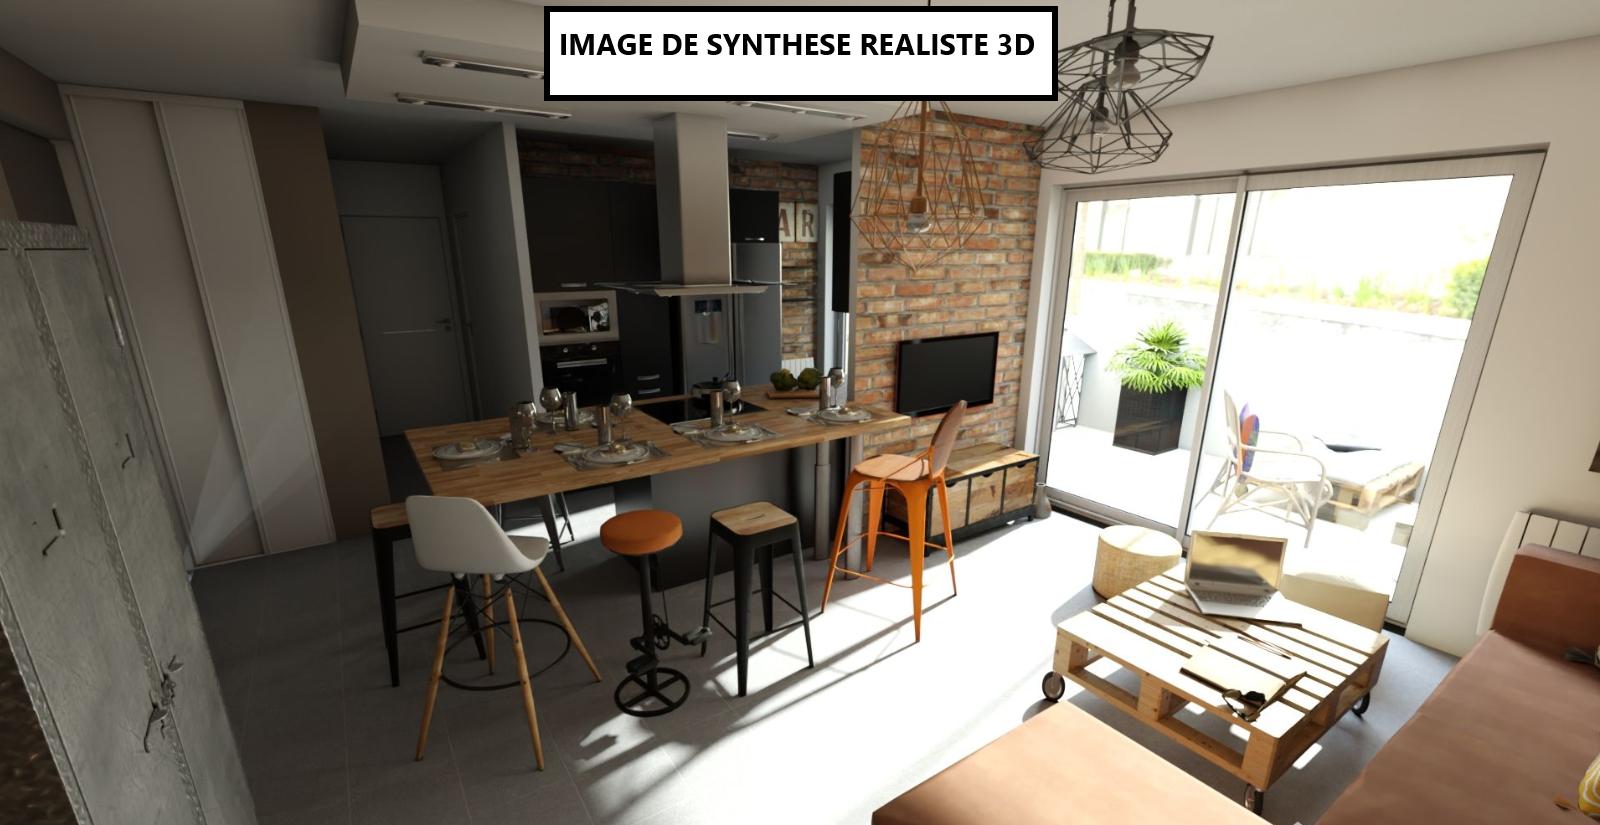 Architecte D Intérieur Decorateur architecture d'intérieur et décoration